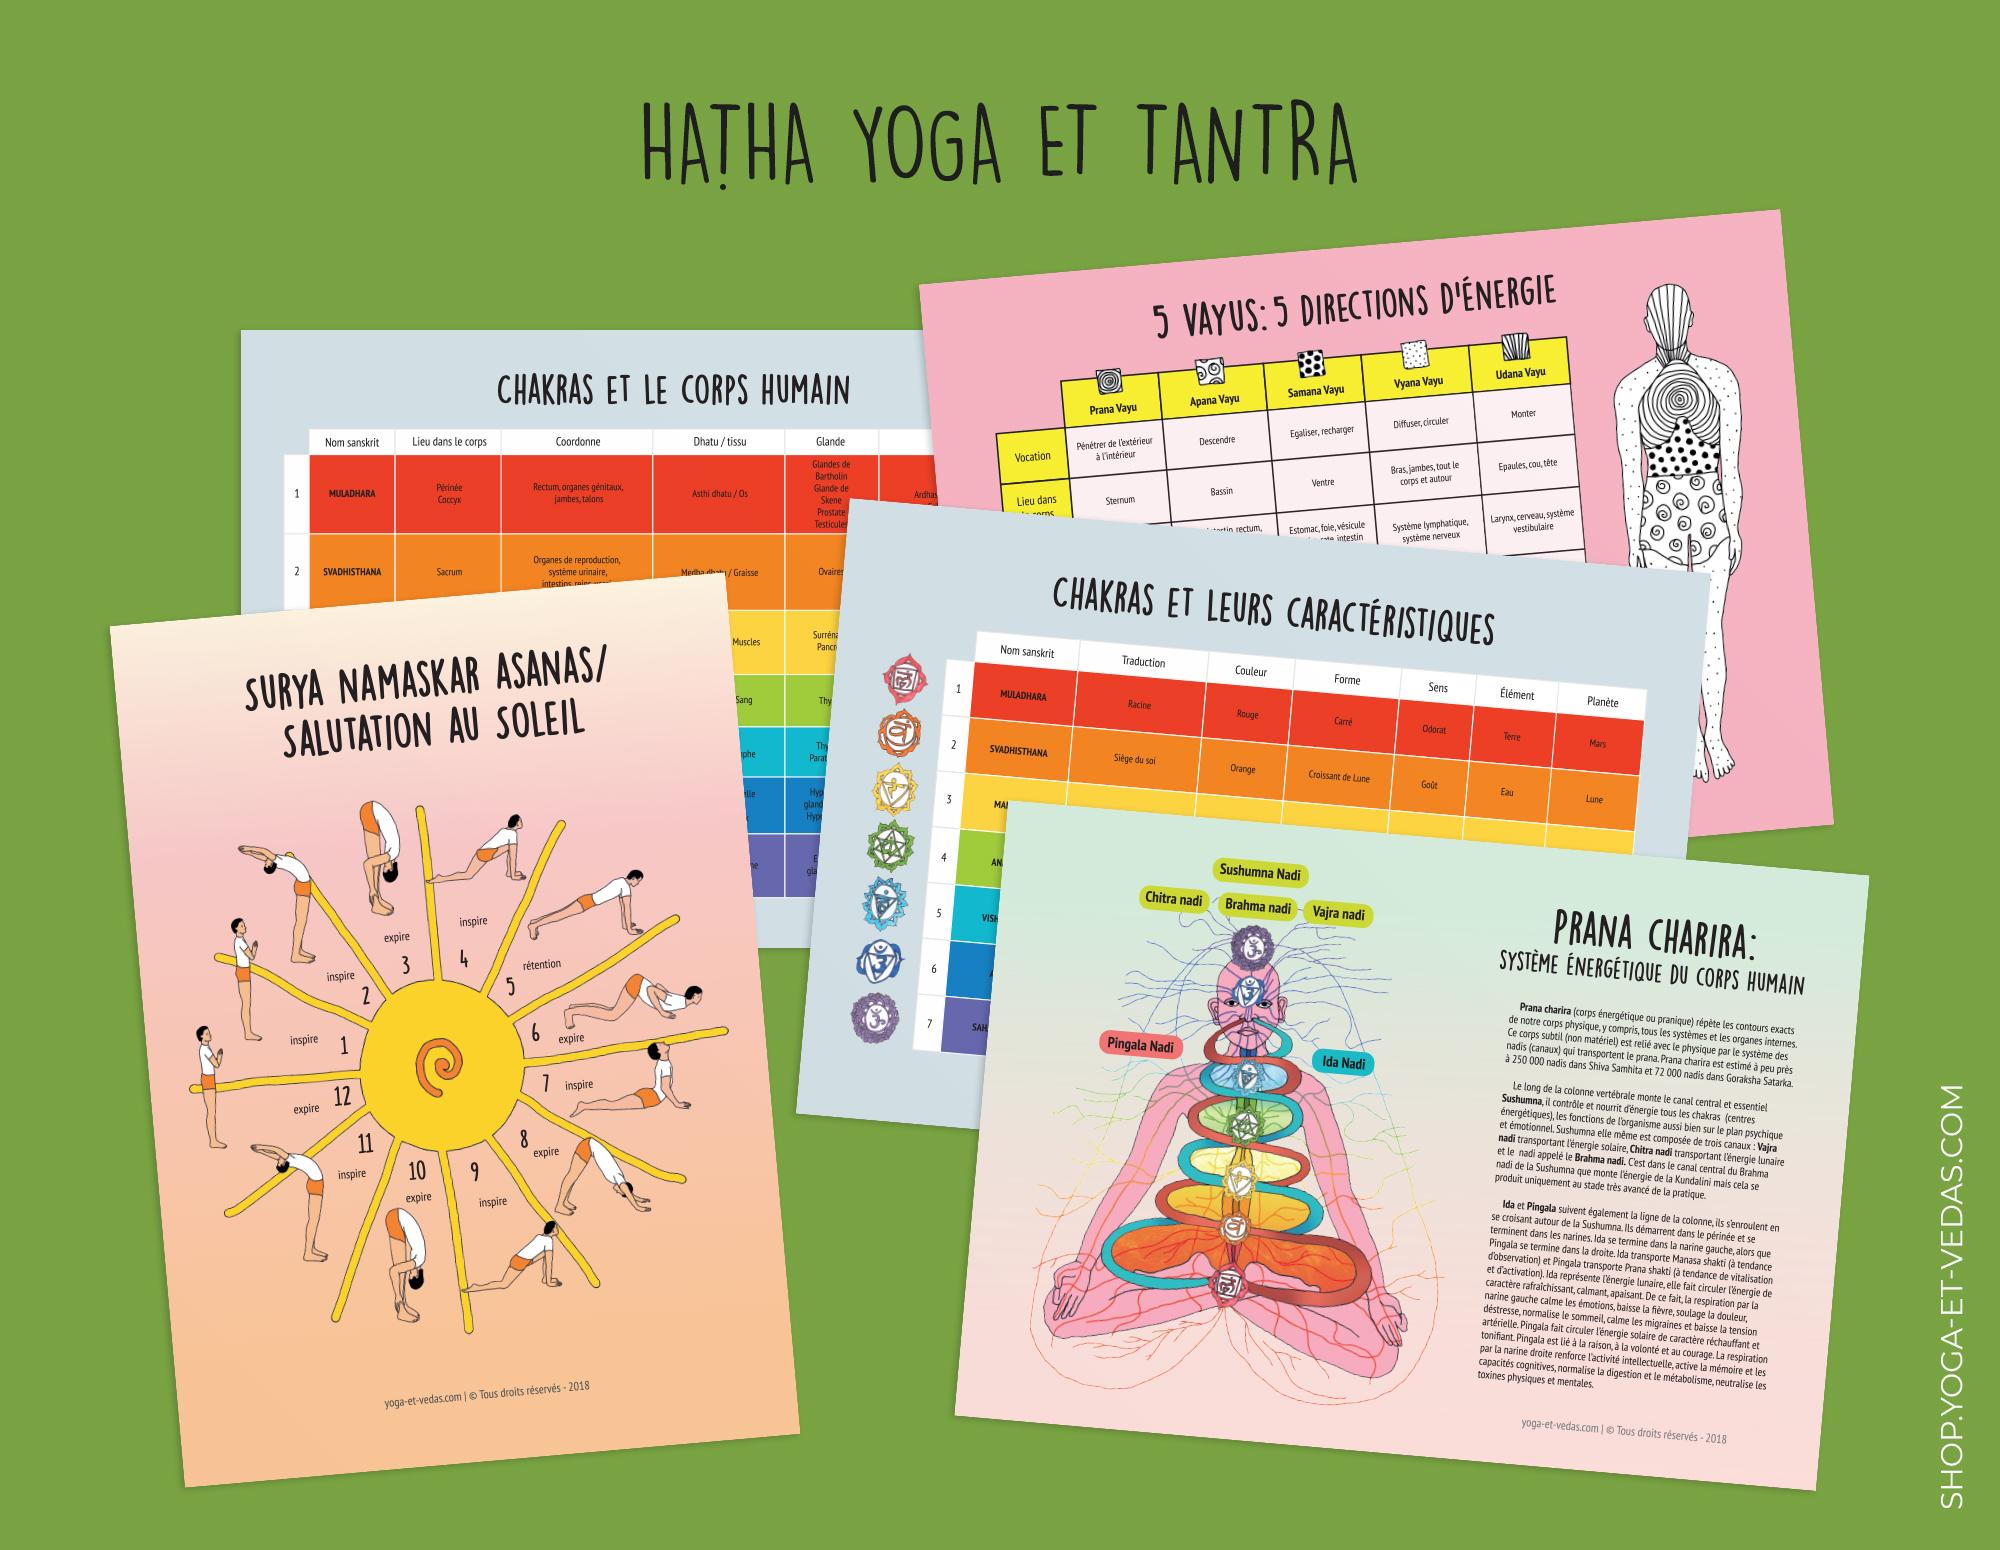 40 Fiches A4 yogiques et ayurvédiques - Hatha Yoga et Tantra - Shop Yoga&Vedas